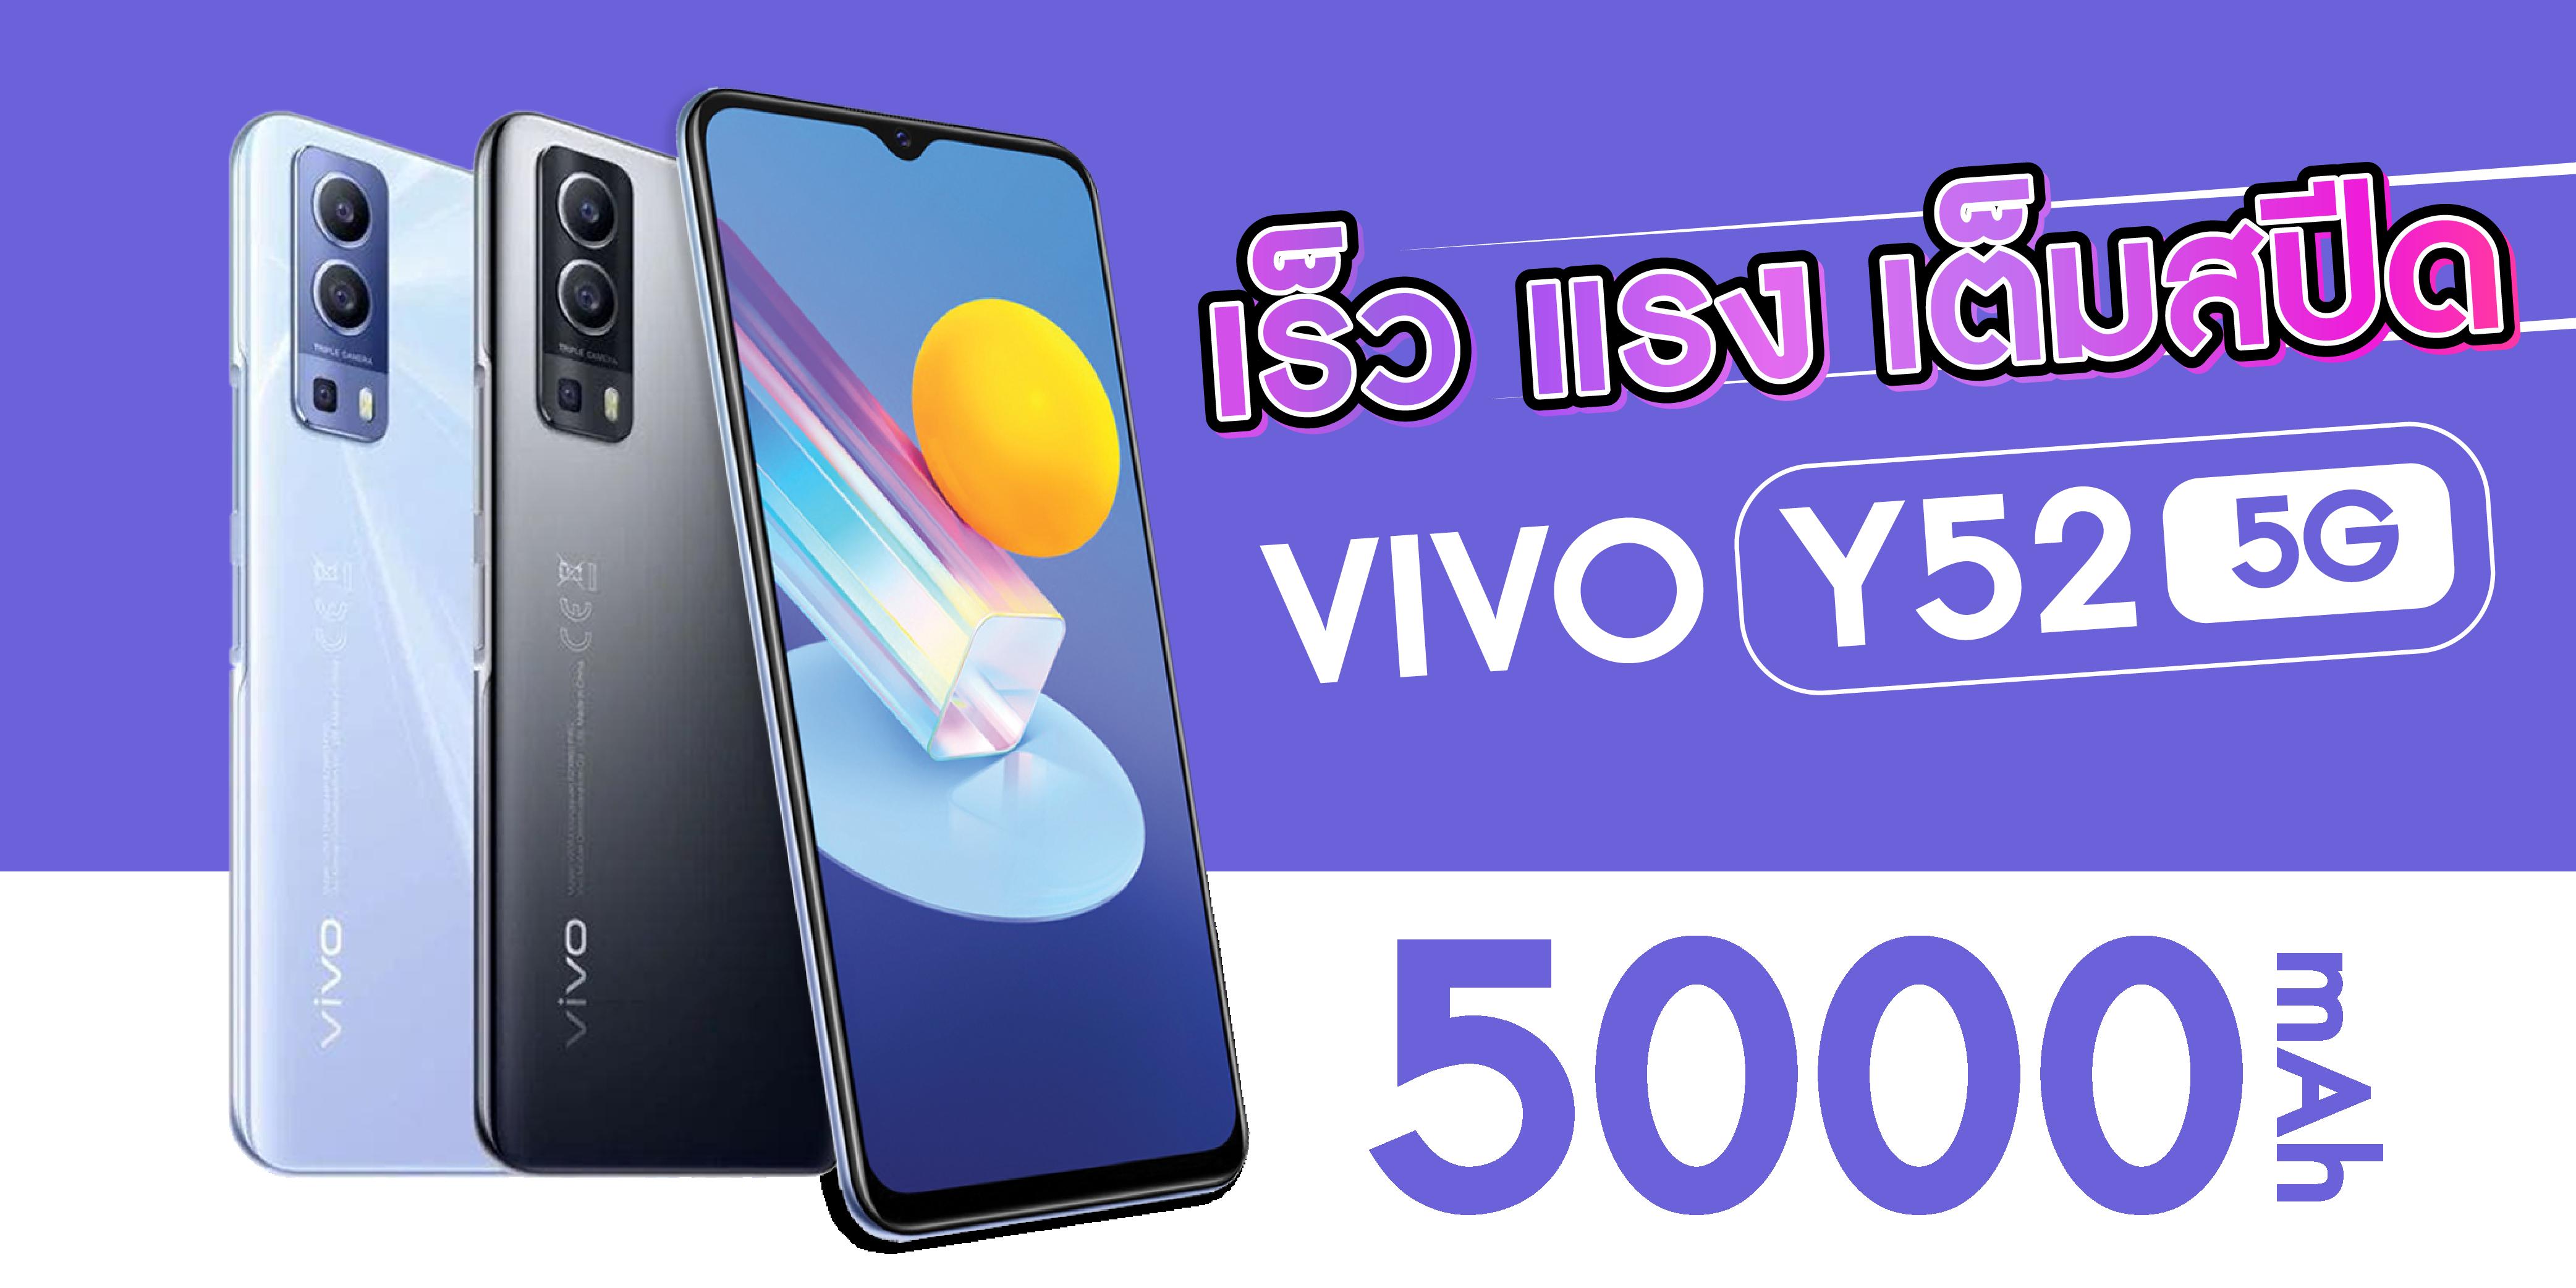 DESKTOP-VIVO-Y52-5G